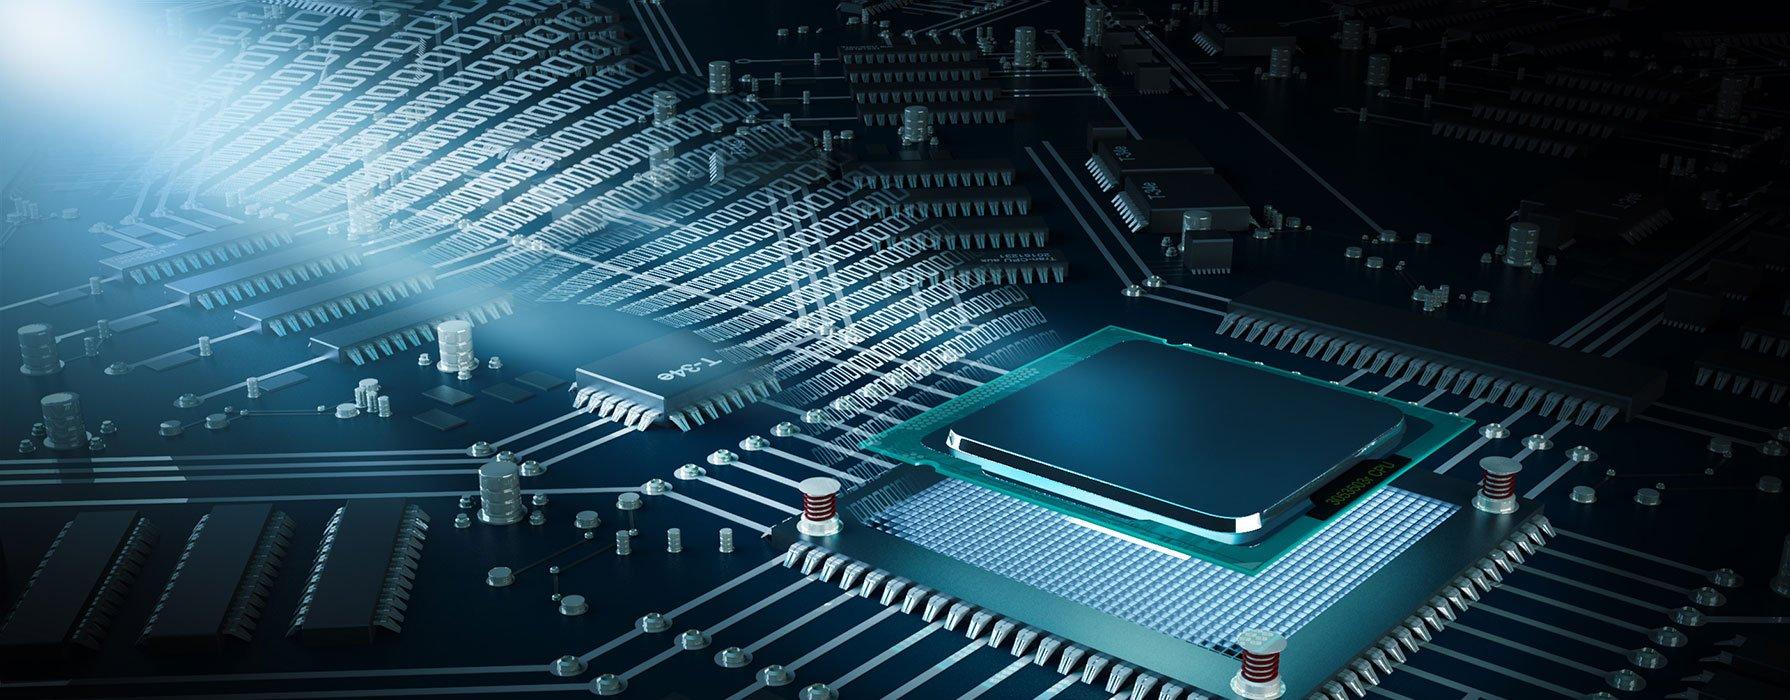 Китай третий год подряд импортирует микросхем на 300 миллиардов долларов